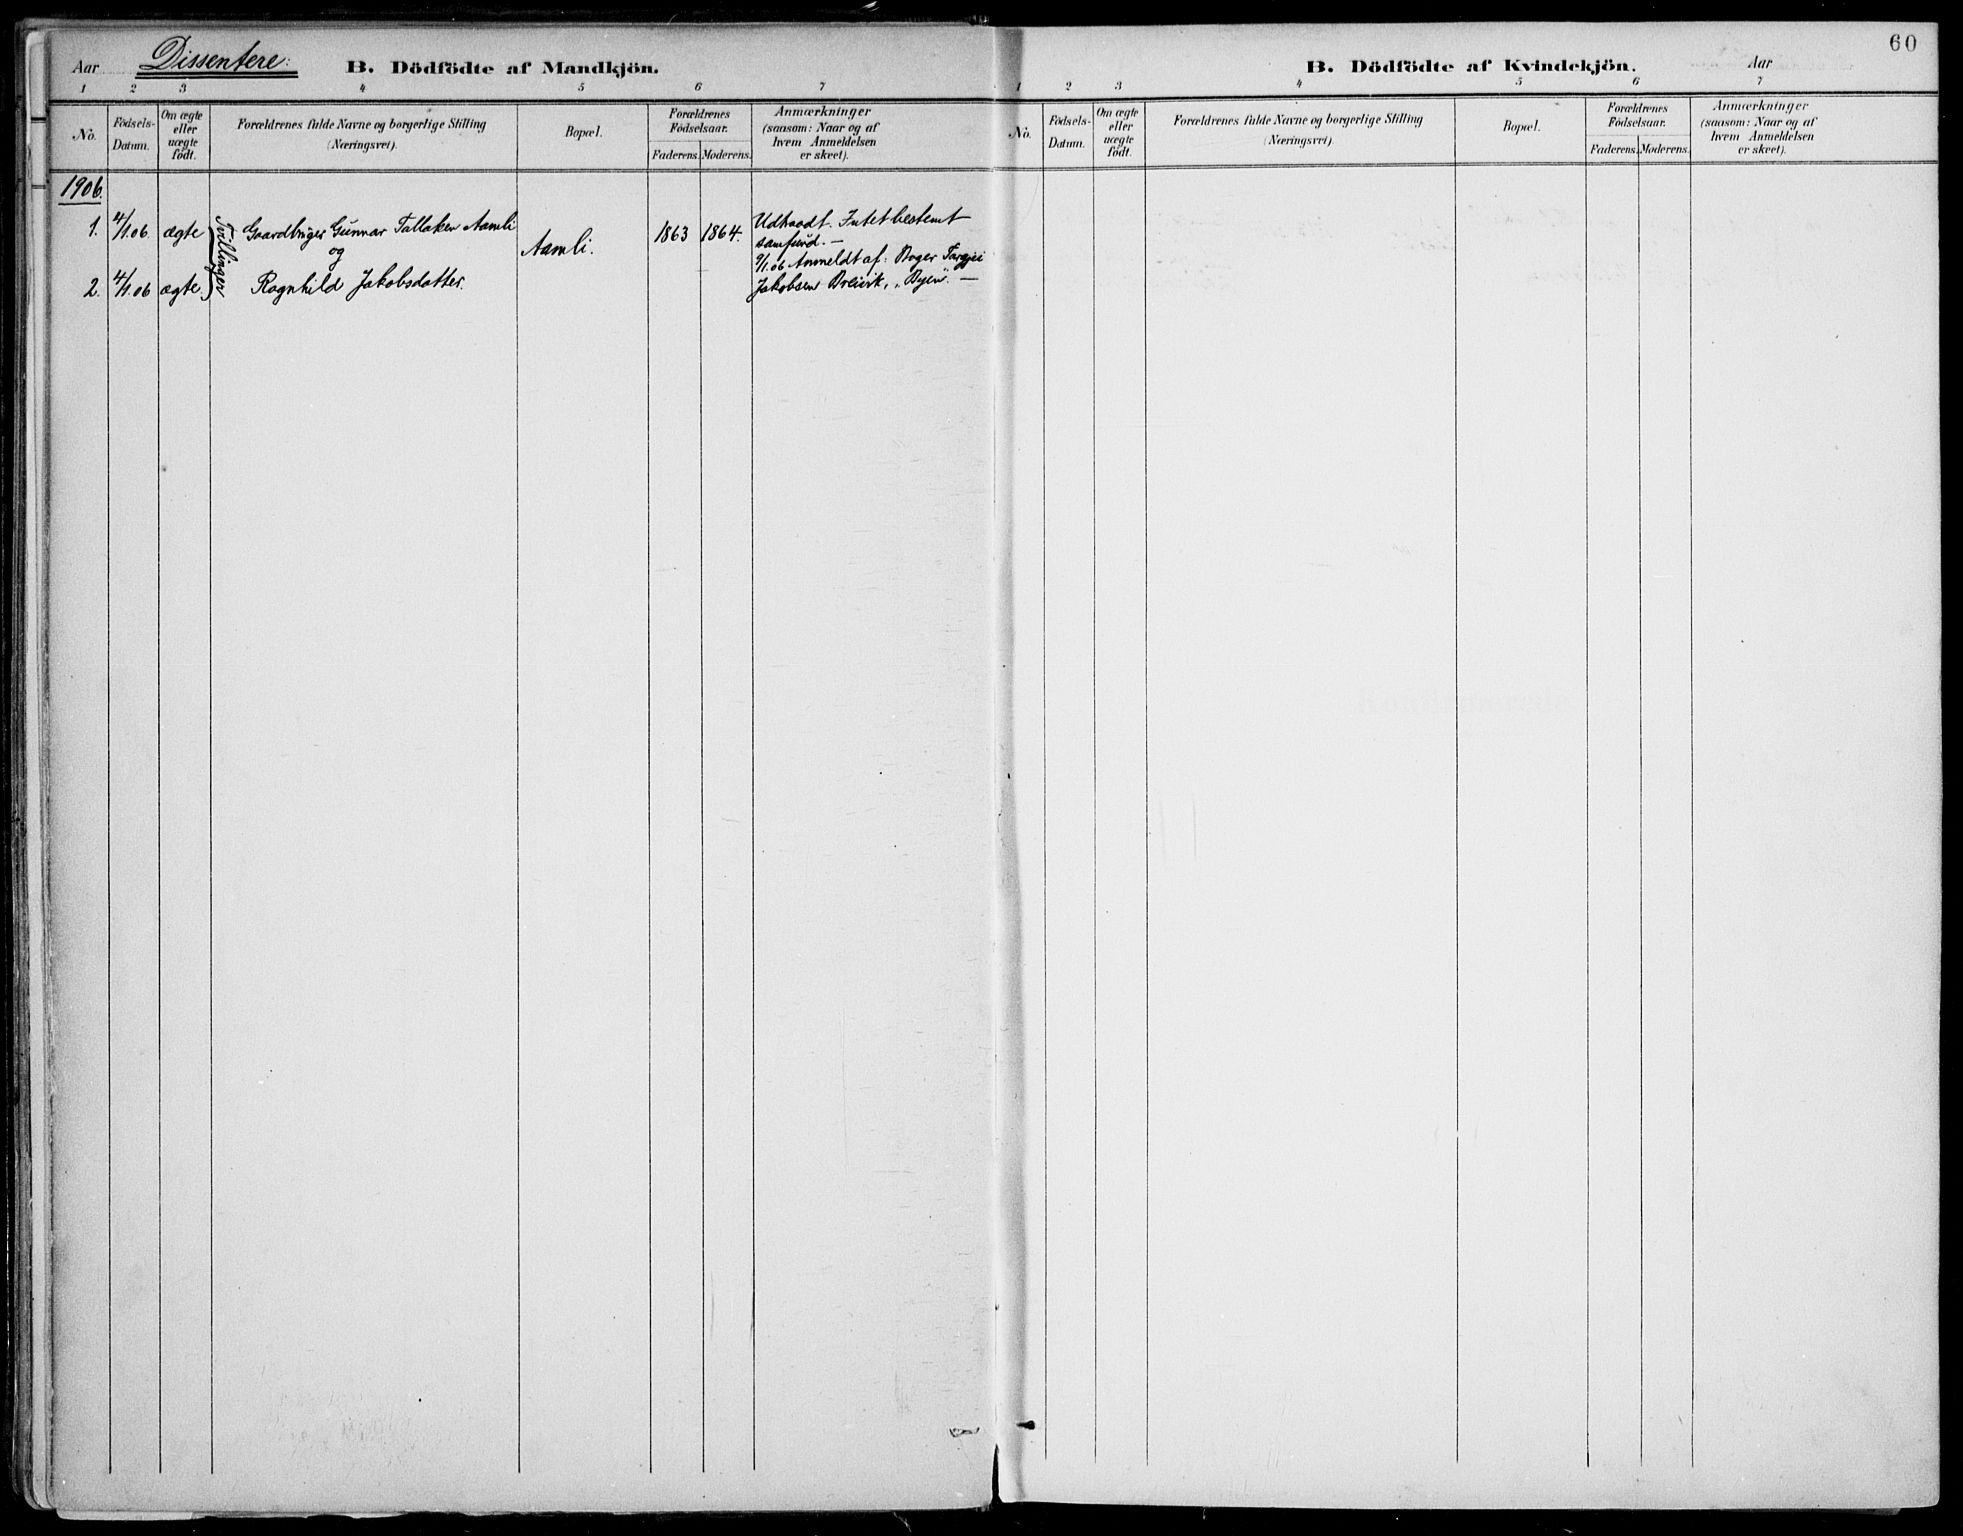 SAKO, Fyresdal kirkebøker, F/Fa/L0007: Ministerialbok nr. I 7, 1887-1914, s. 60